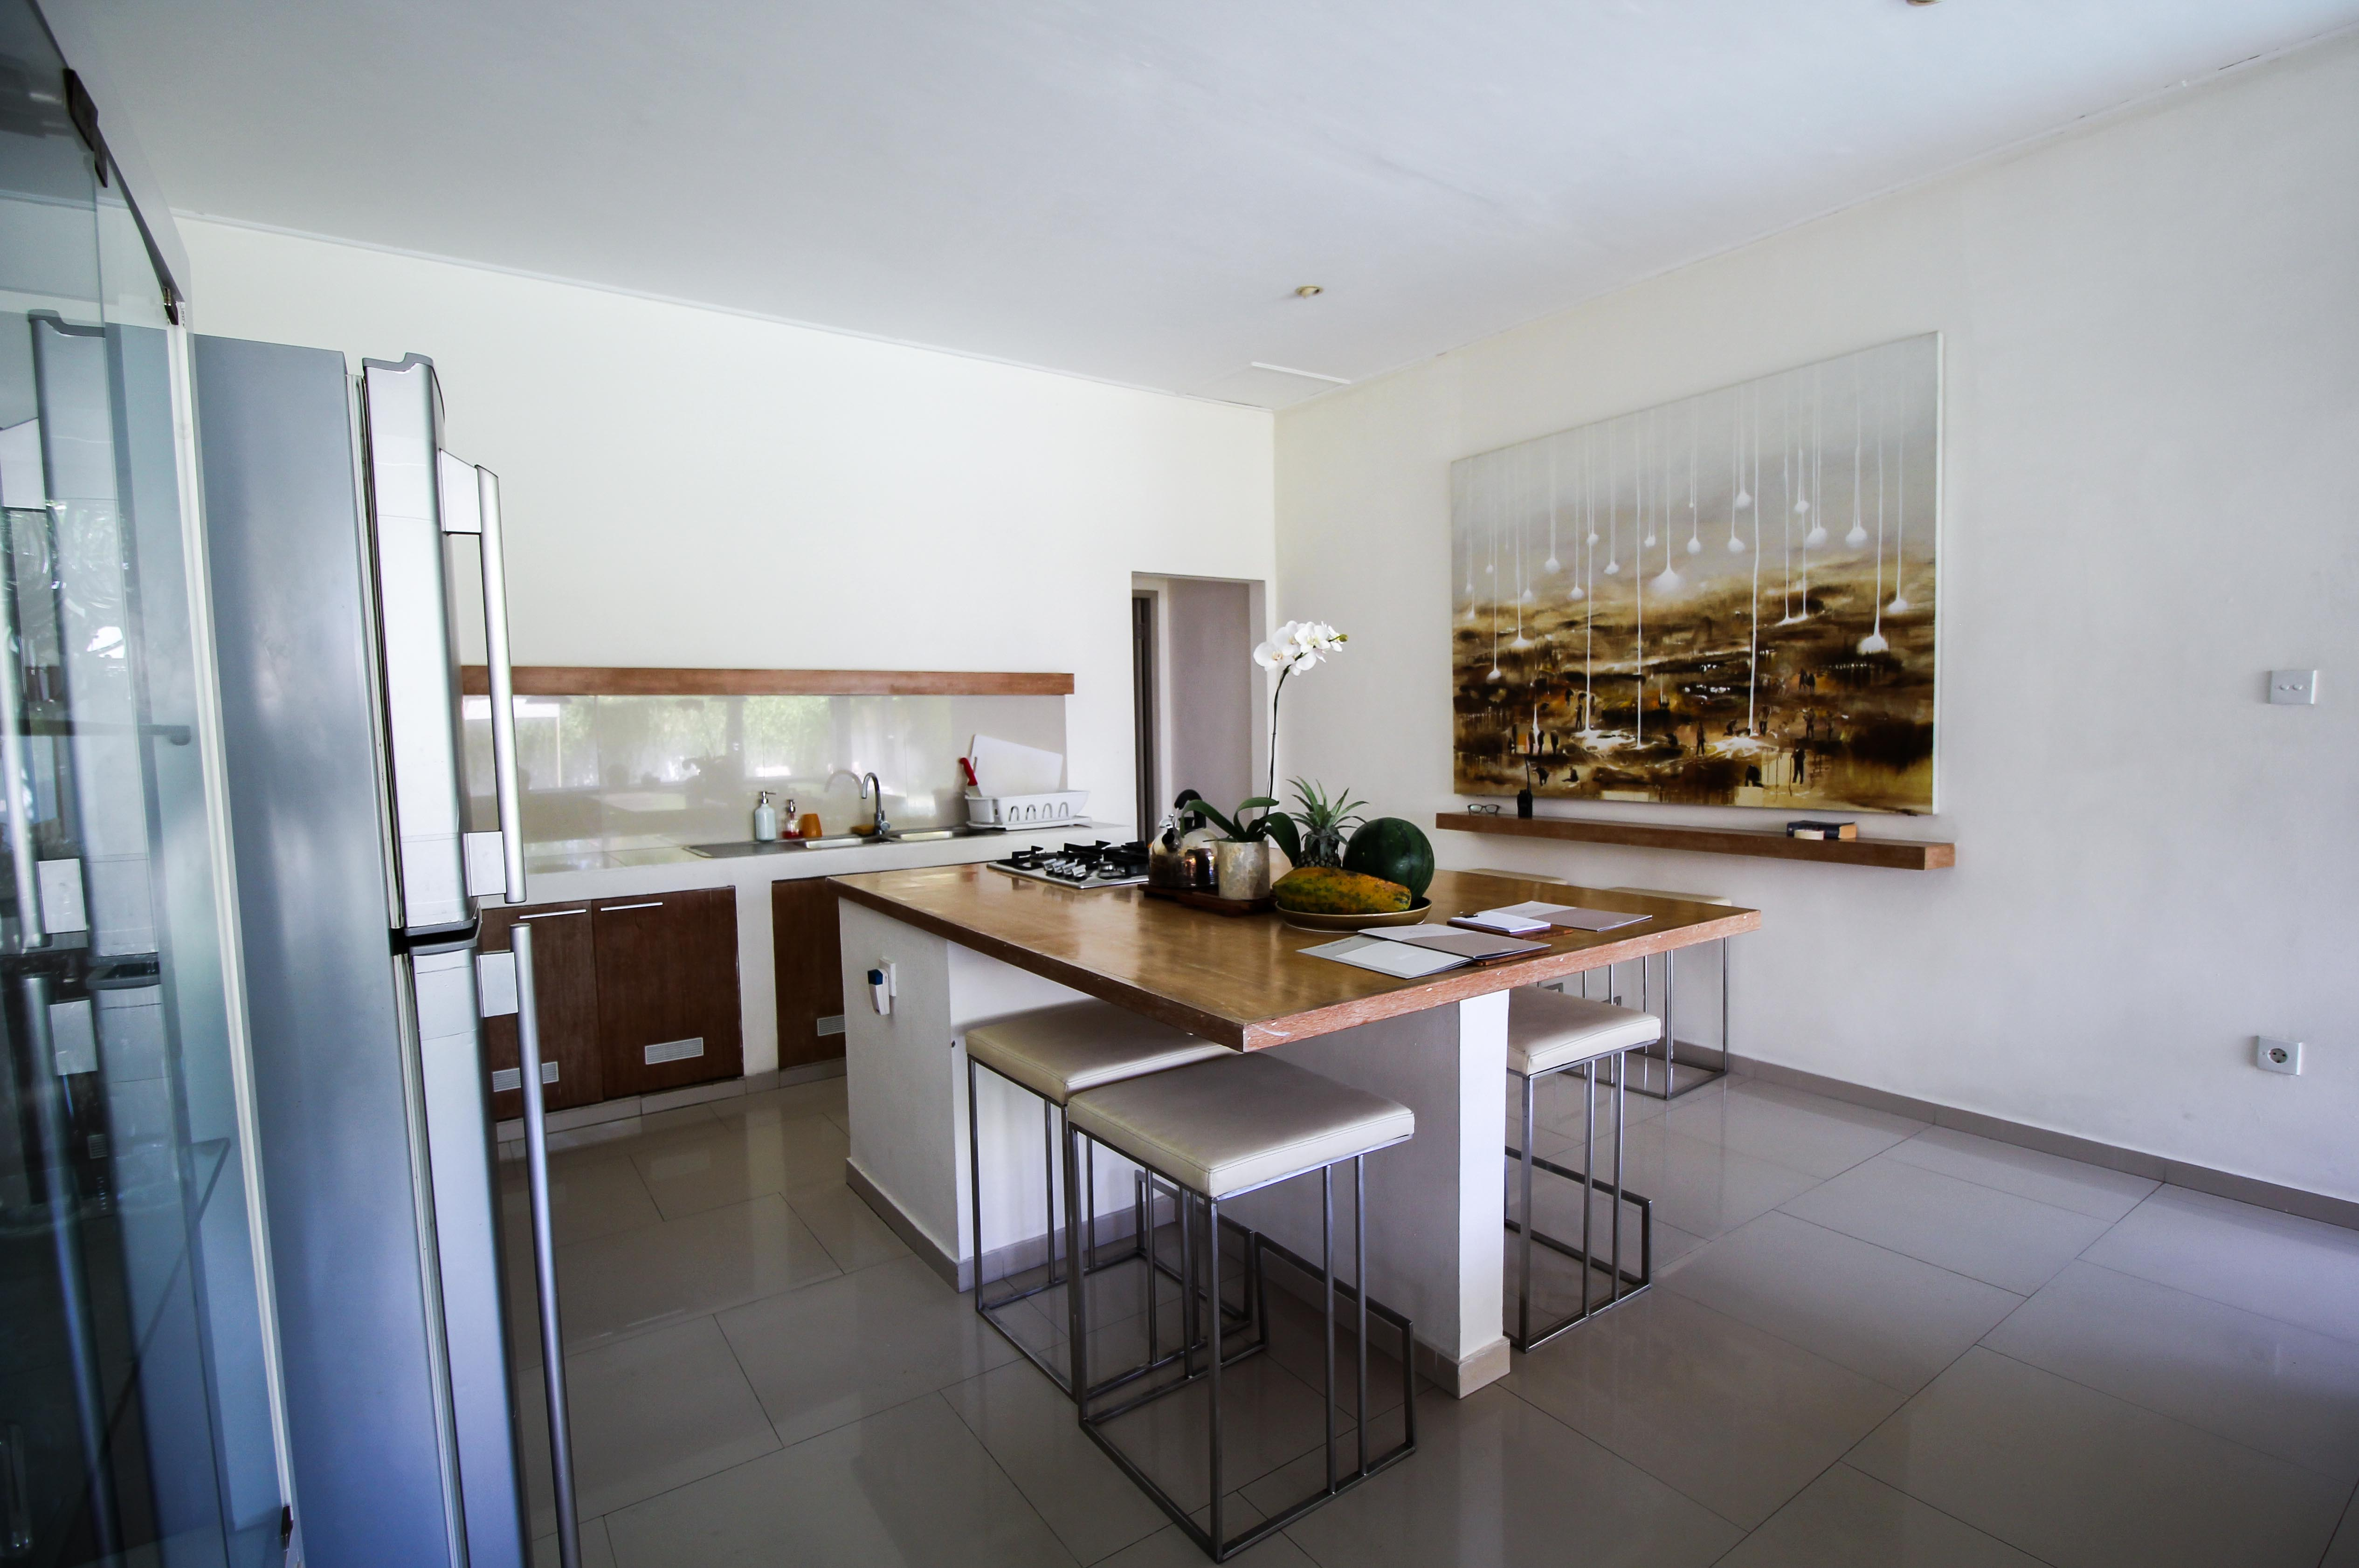 Sahana Villas Seminyak Poolvilla 3 Bedroom Seminyak Bali Luxusvilla mieten moderne Küche Reiseblogger